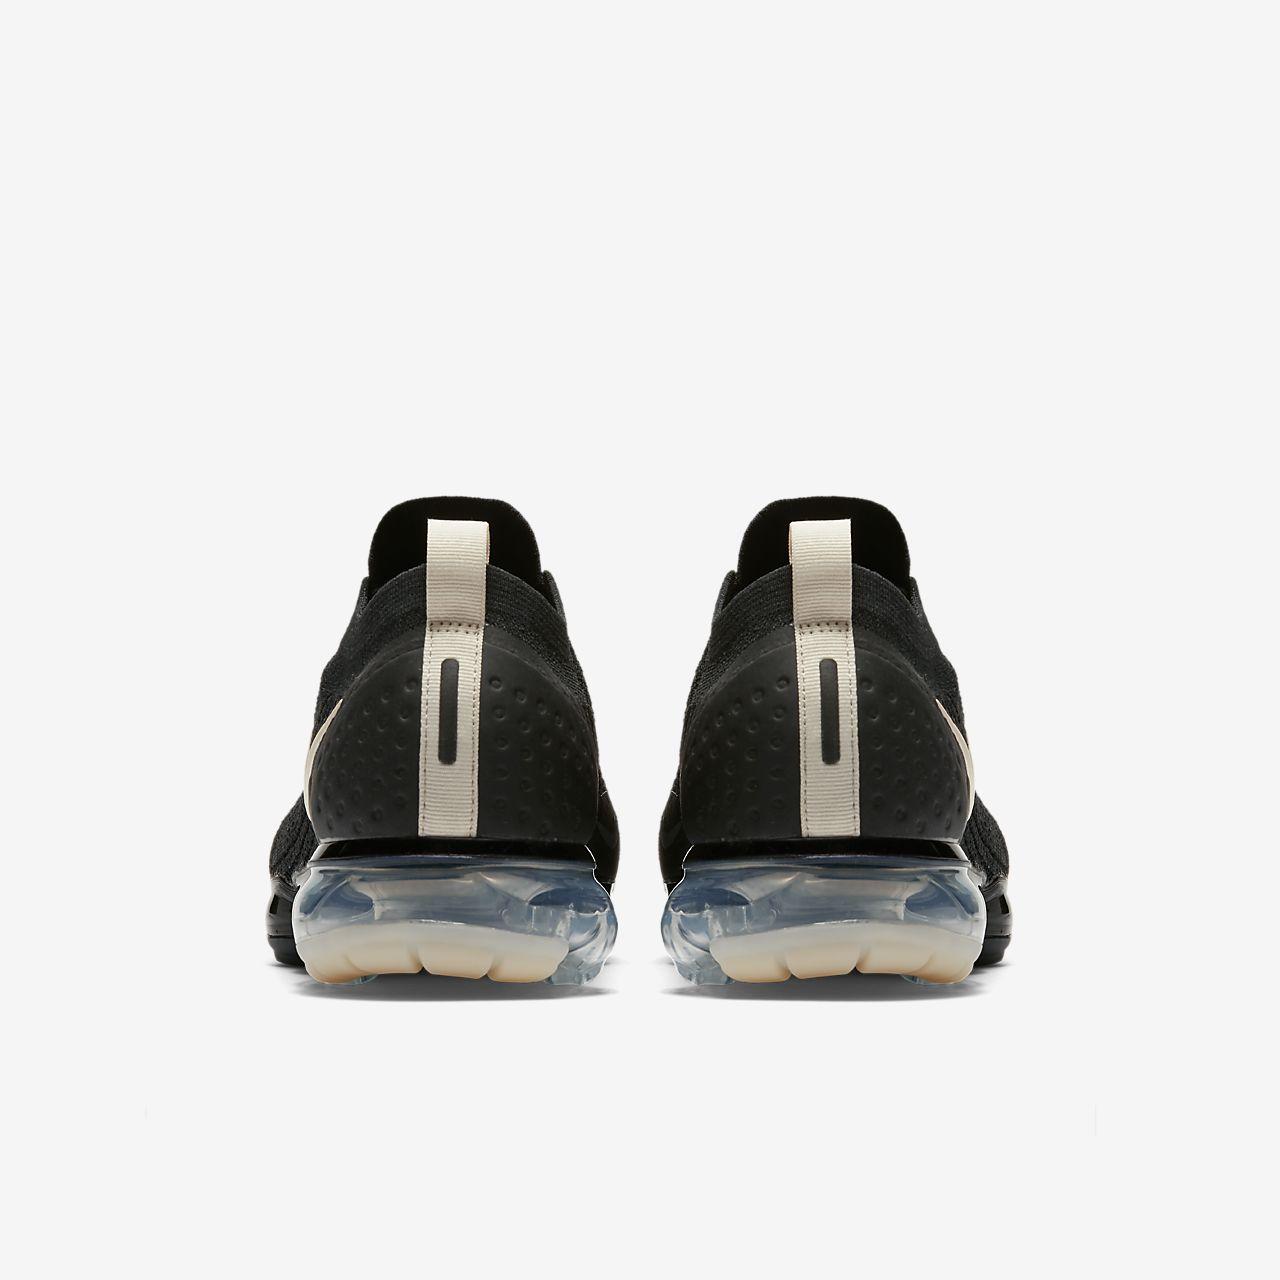 86cc4d180e179 Nike Air VaporMax Flyknit Moc 2 Shoe. Nike.com NL